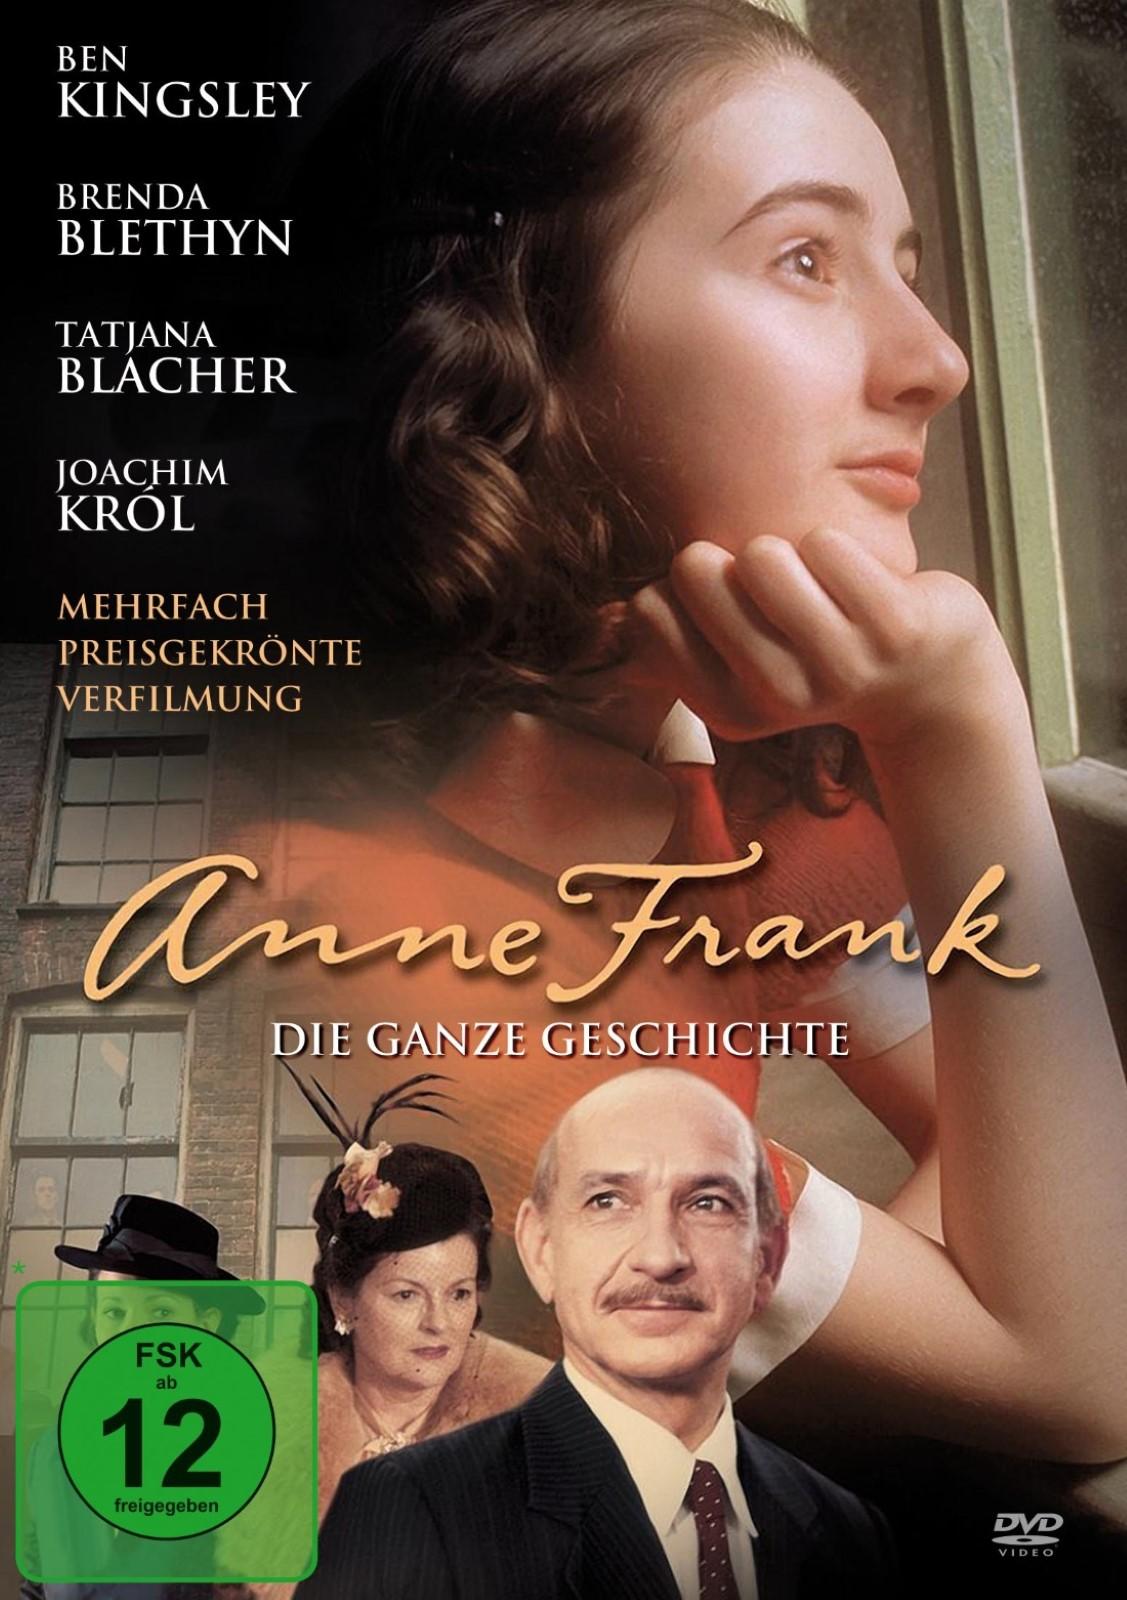 Anne Frank Film Kostenlos Anschauen